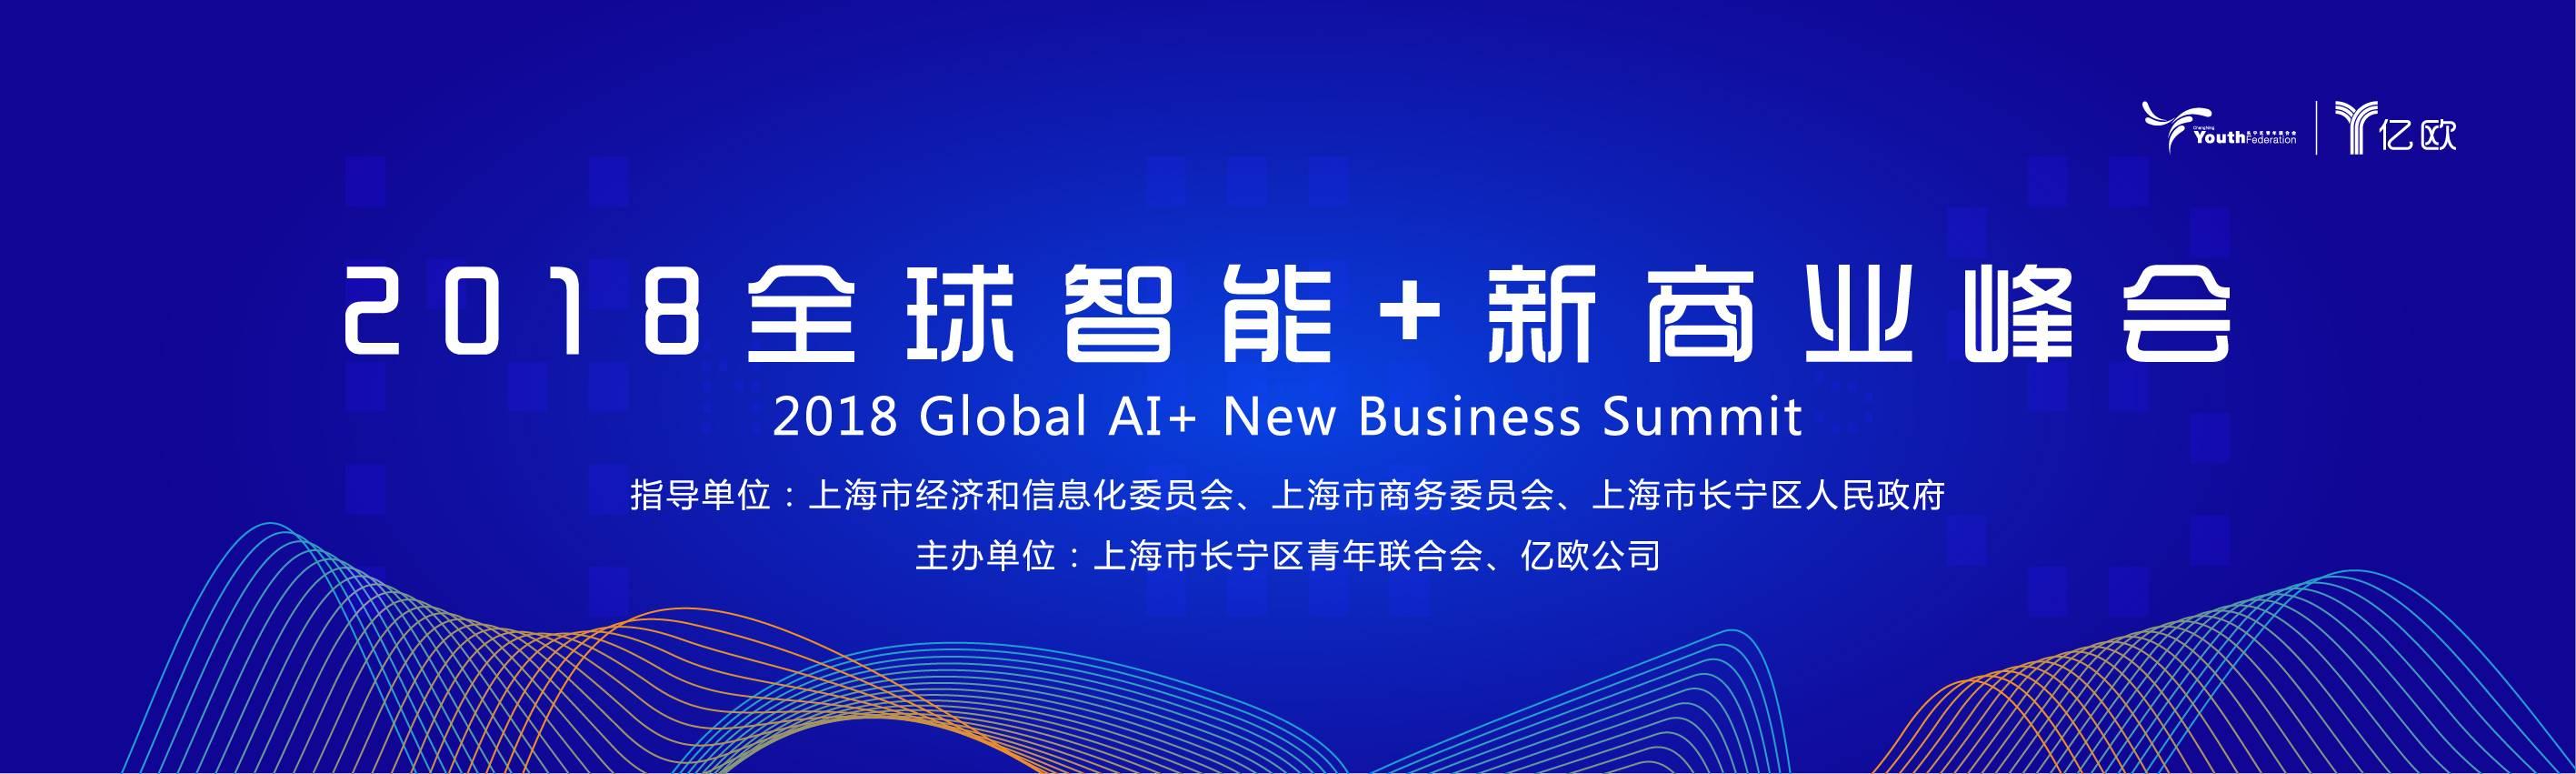 2018全球智能+新商业峰会(官方信息发布)